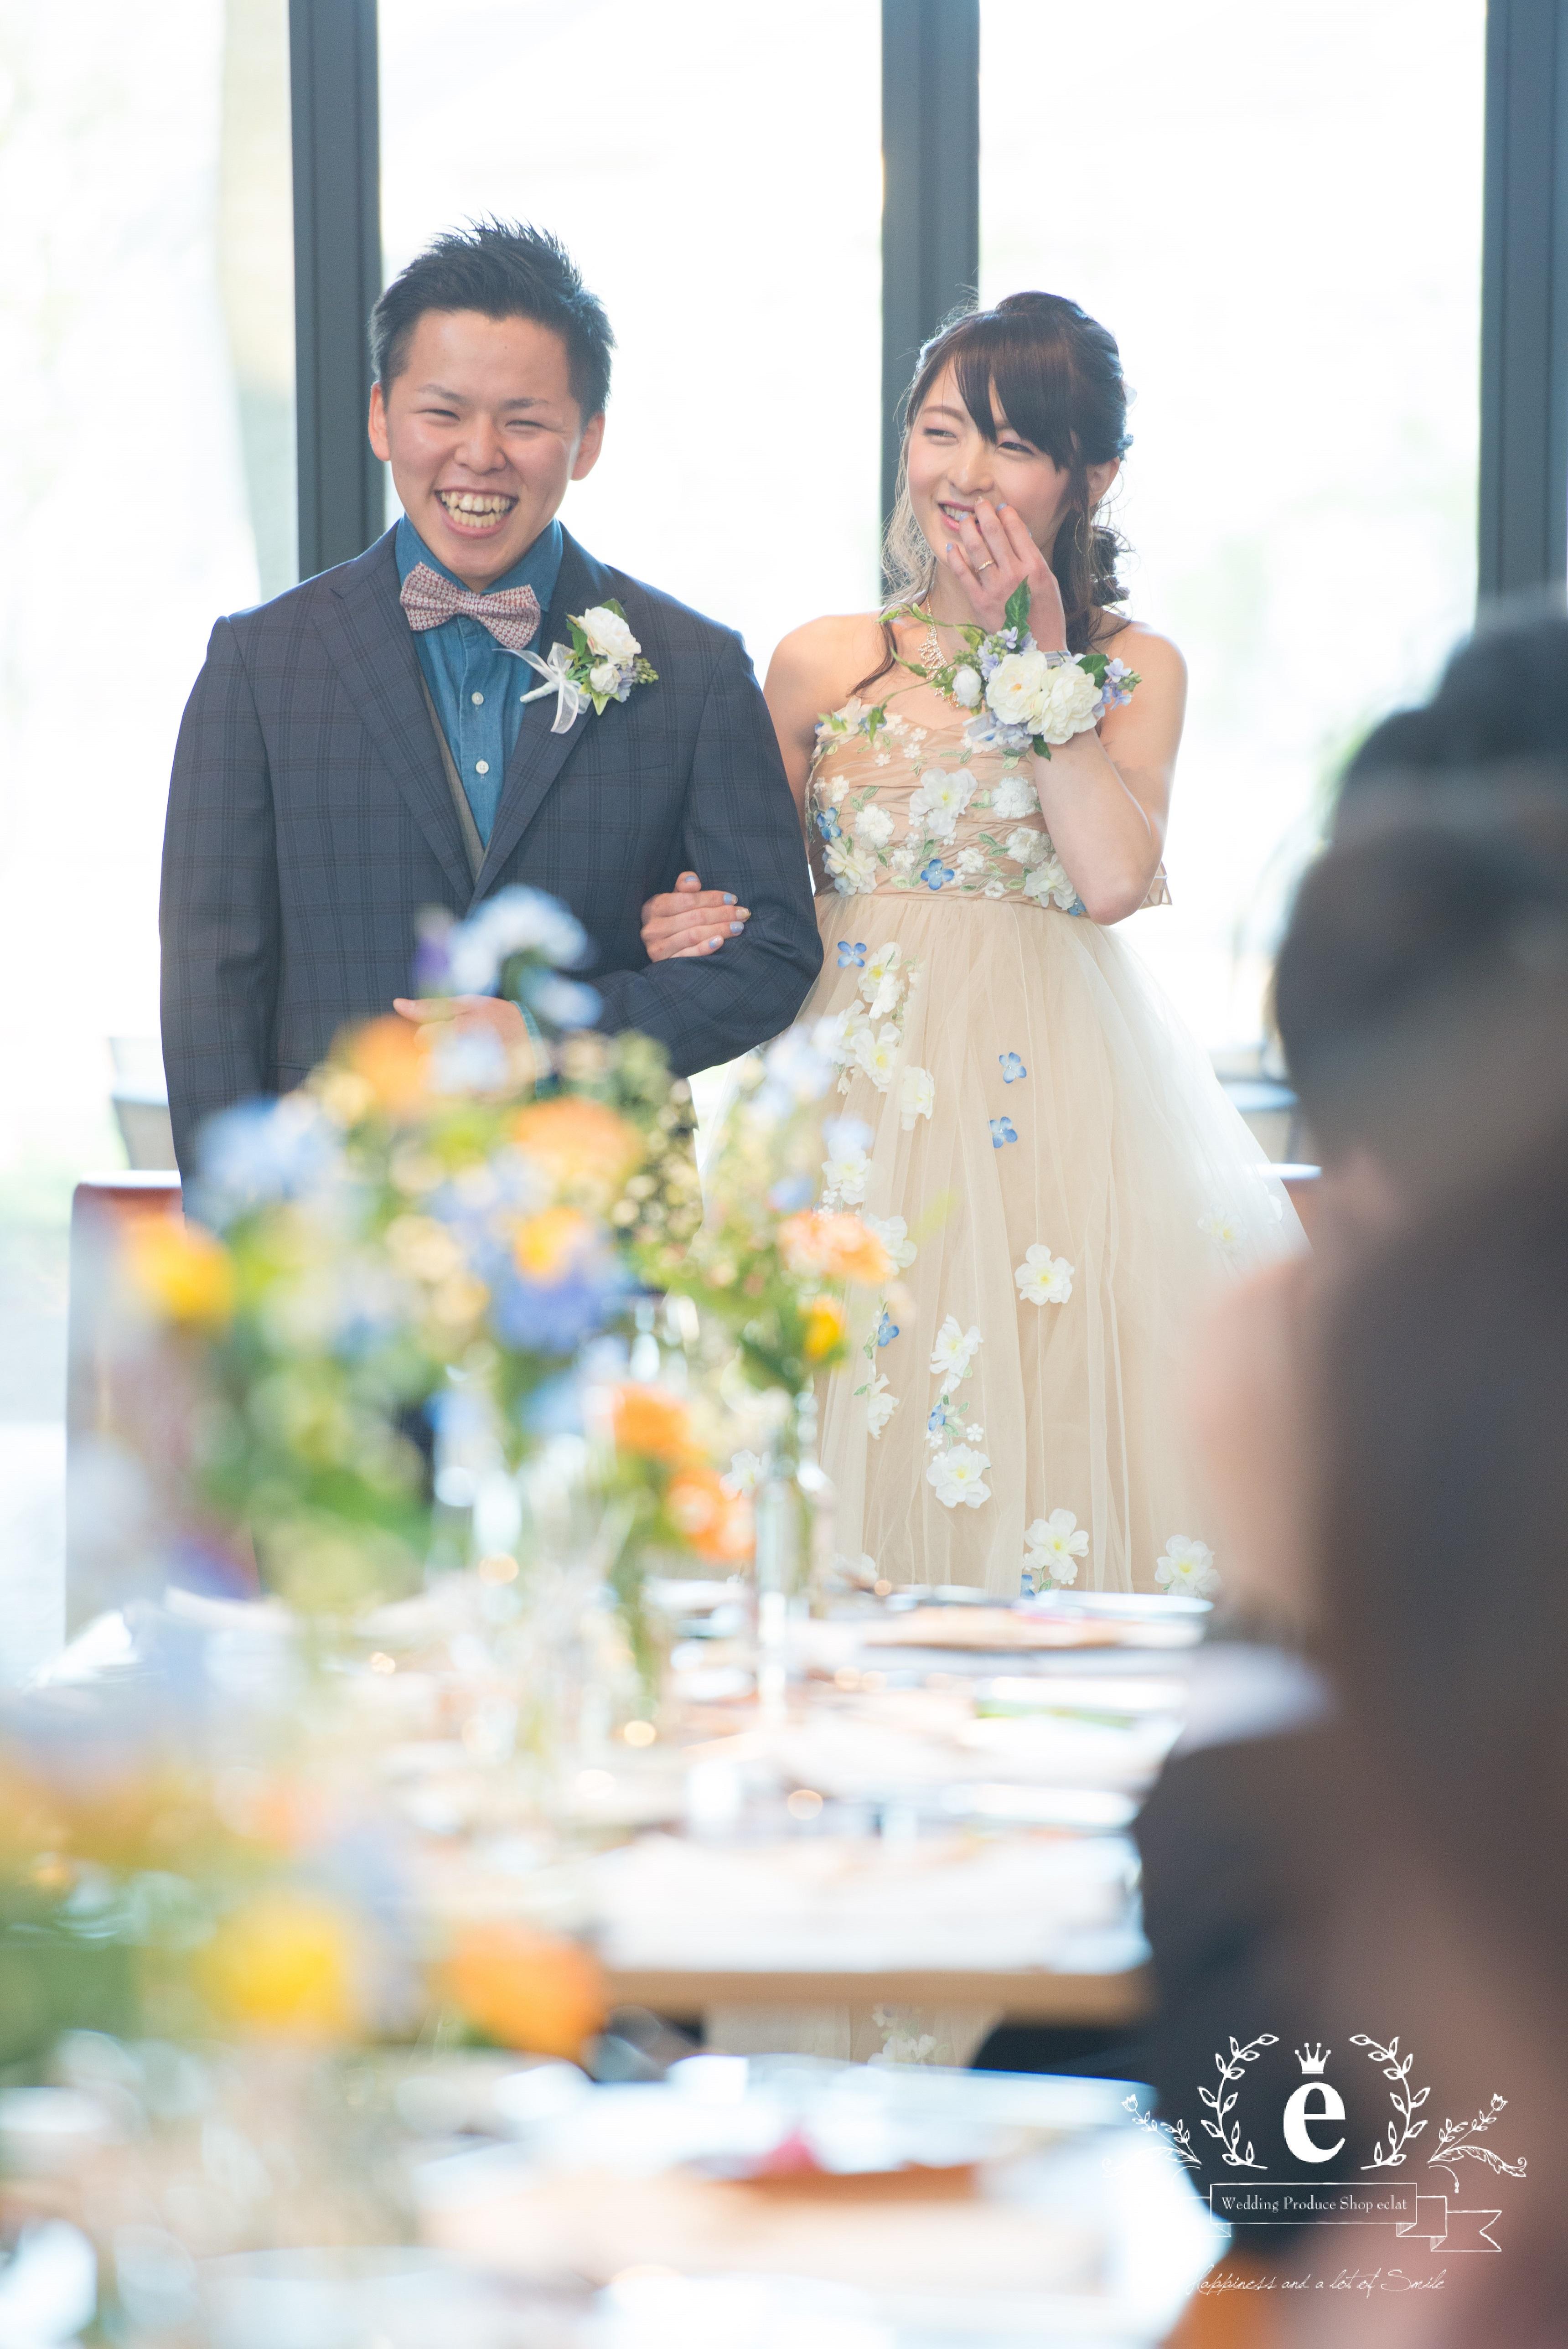 水戸 茨城 COLK ウェディングパーティー 友人のみ 会費 1.5次会 カジュアル 自由 楽しい 結婚式 相談 エクラ